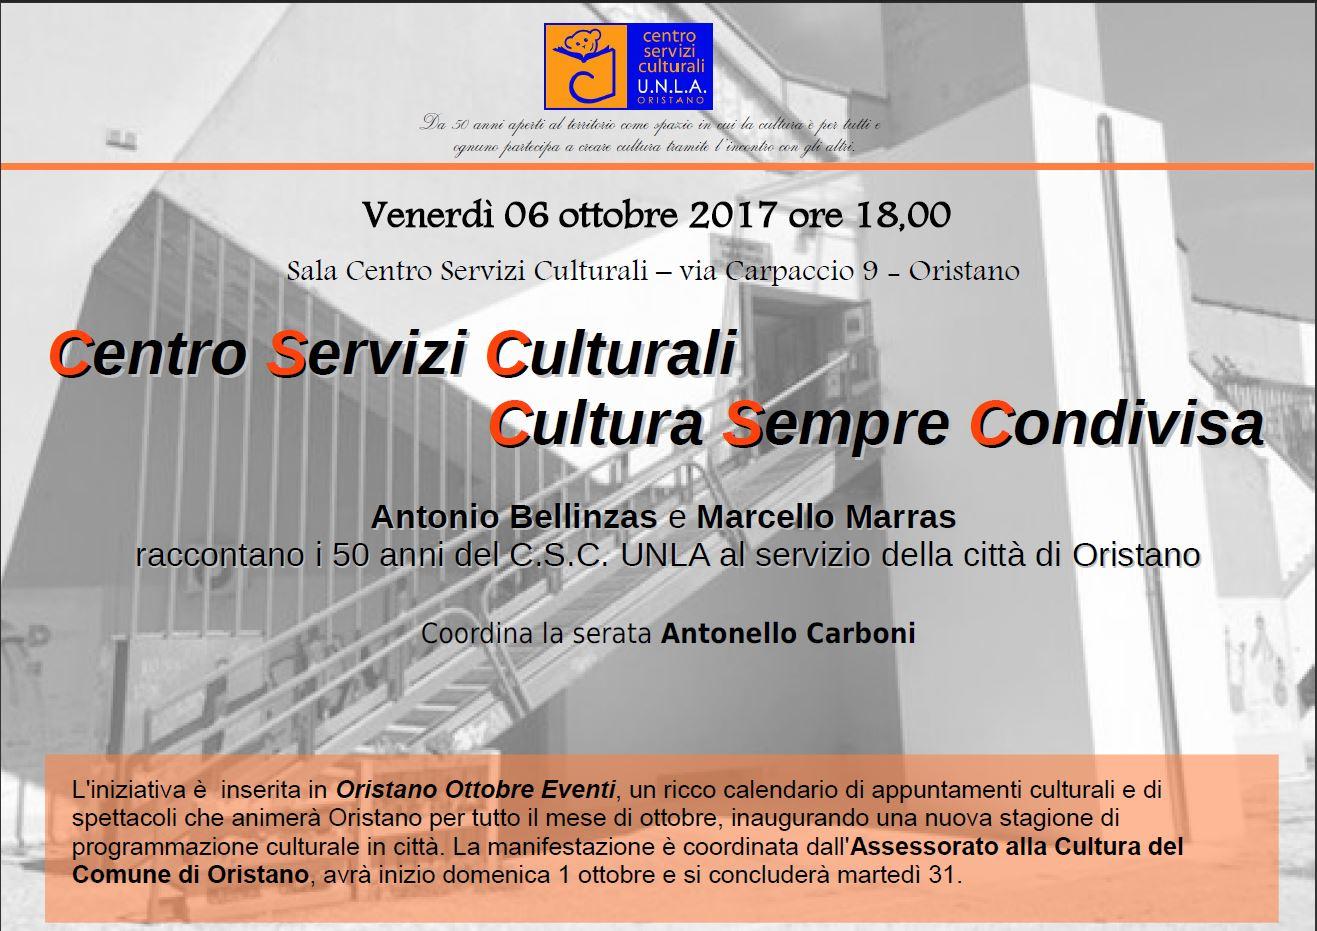 Centro Servizi Culturali - Cultura Sempre Condivisa